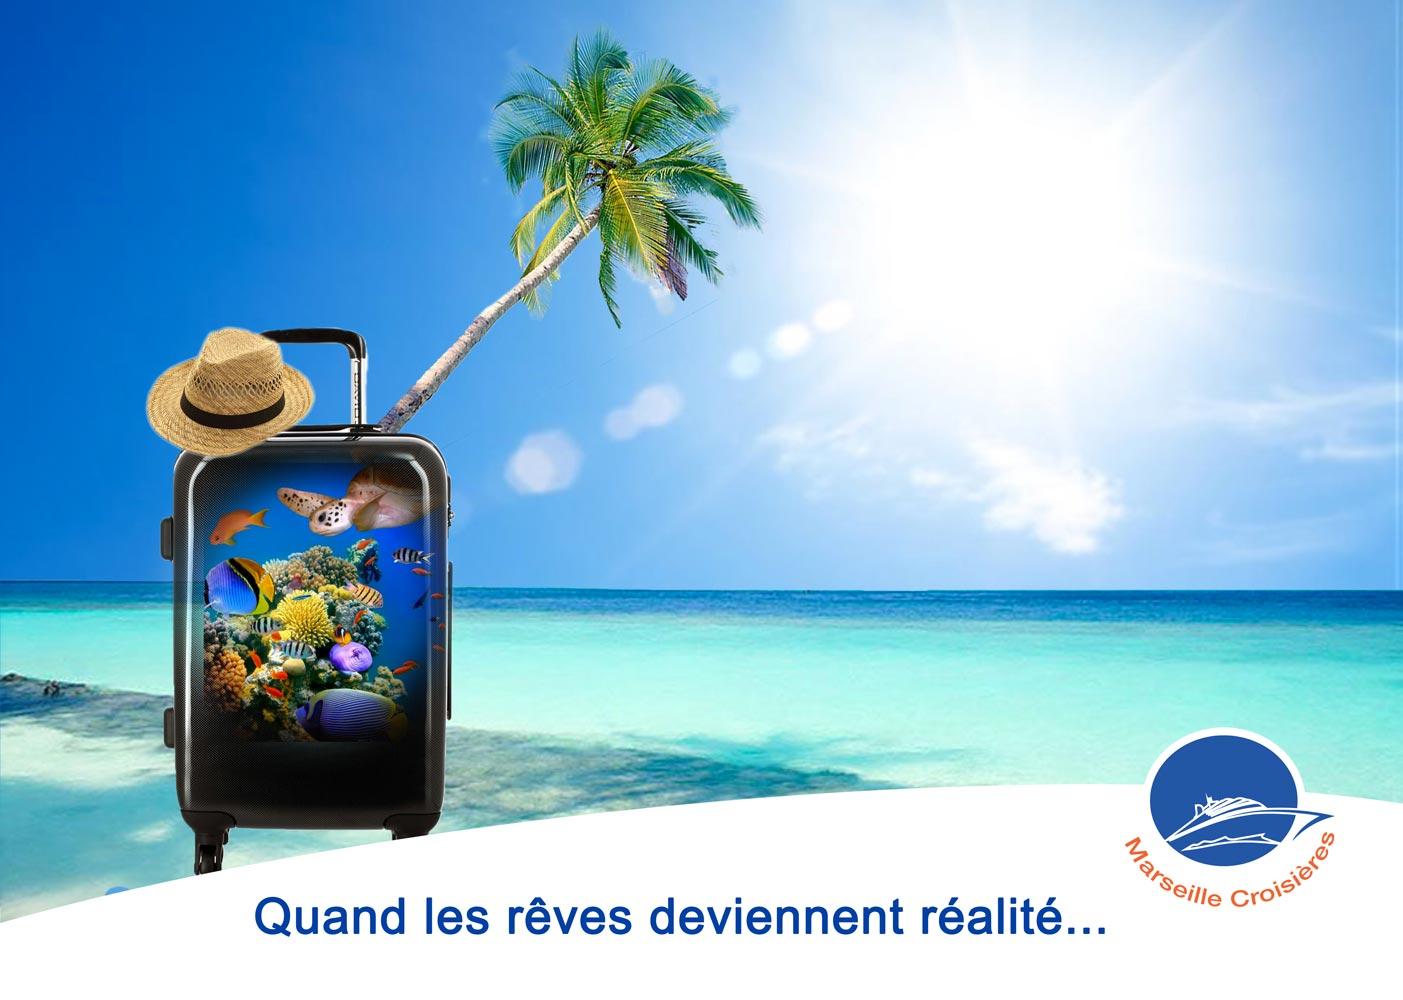 Publicité pour une agence de voyage